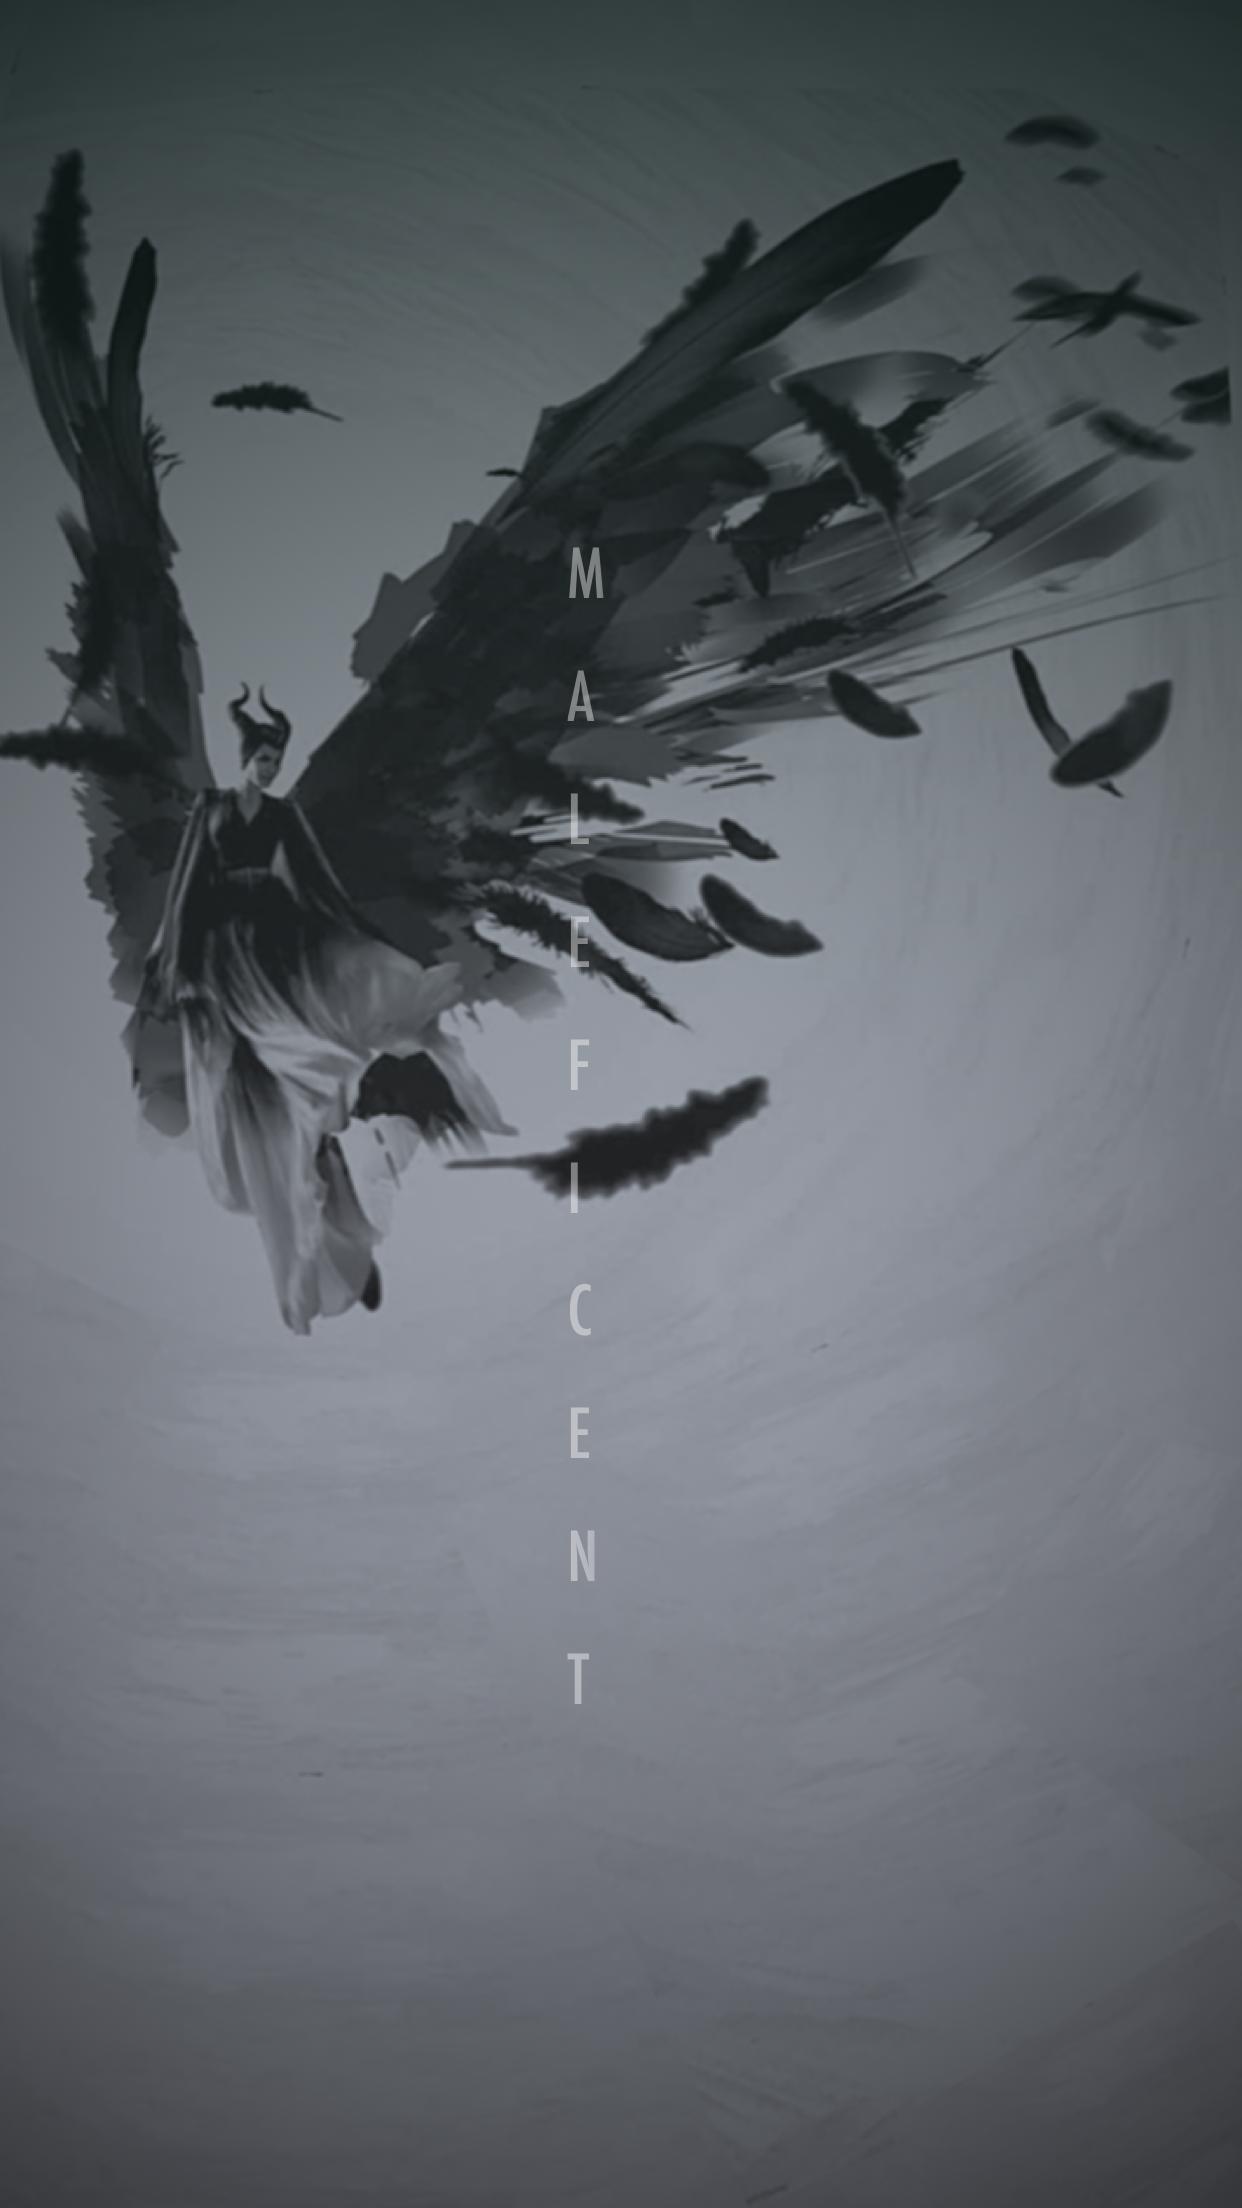 Maleficent Movie Wallpaper Maleficent Movie Maleficent Art Maleficent